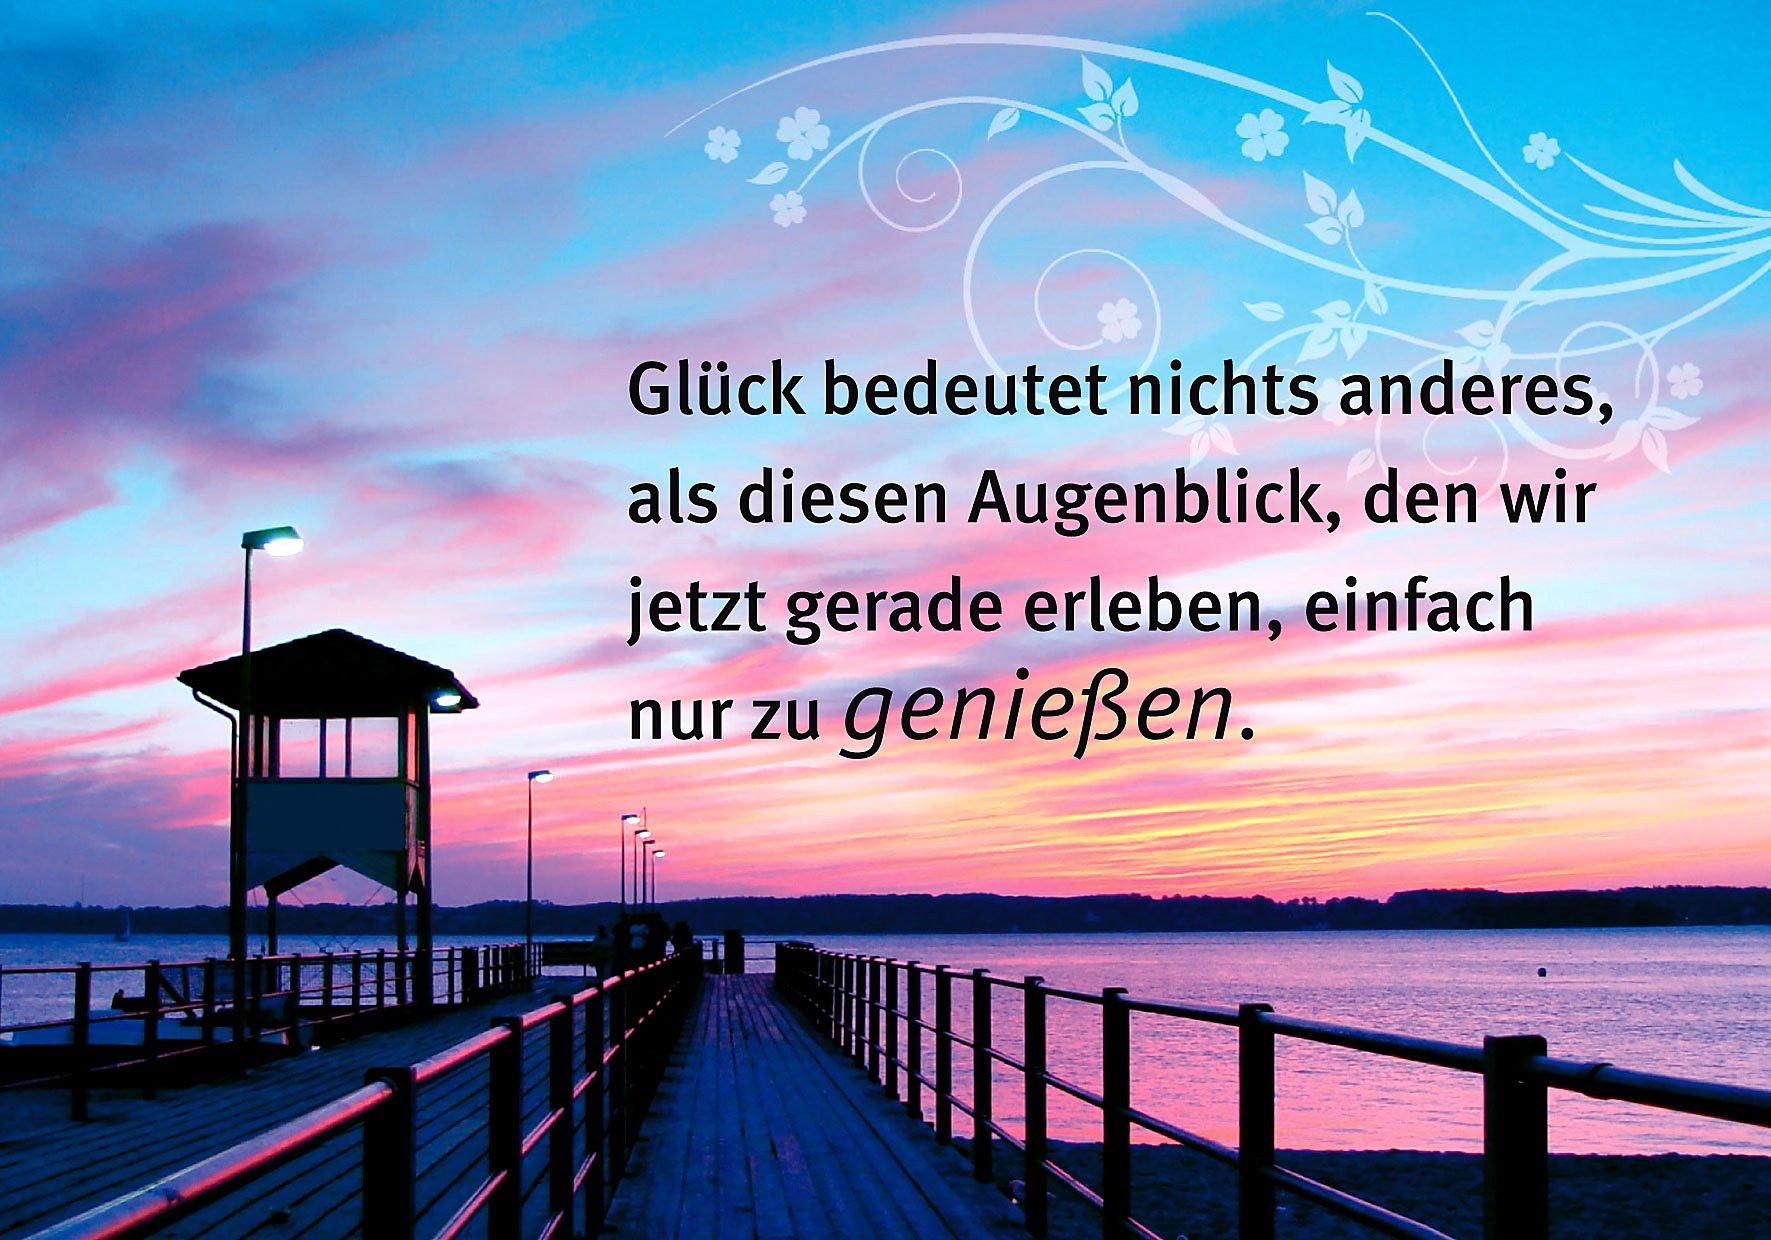 Pierre Franckh - Einfach glücklich sein. Tag für Tag. - Weltbild-Ausgabe